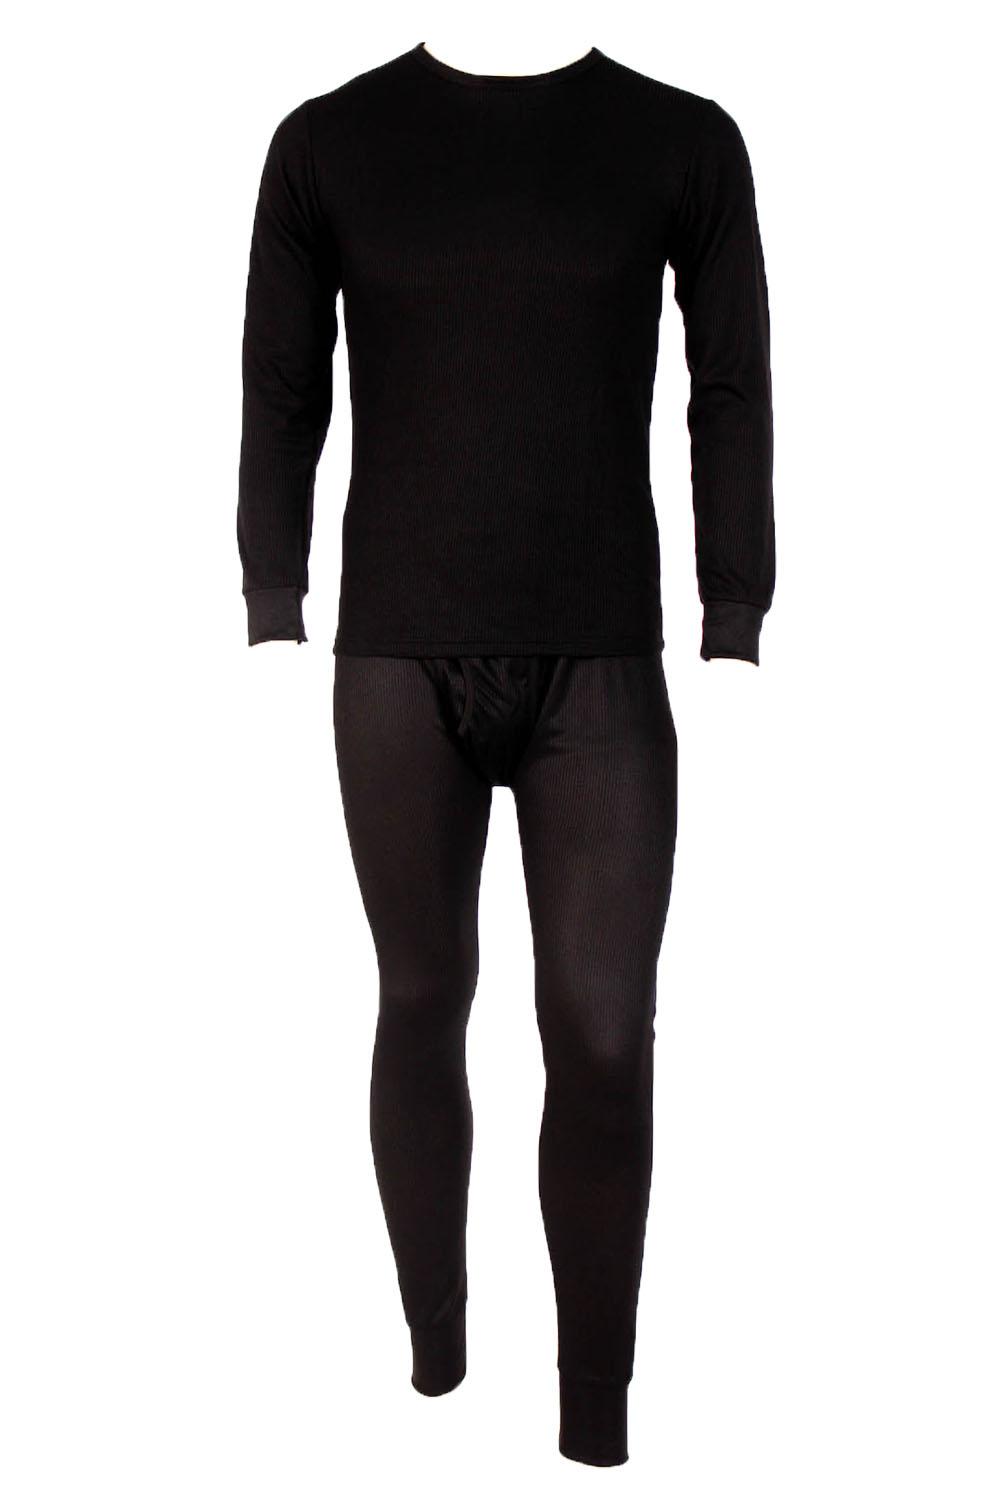 Men's Two Piece Long Johns Thermal Underwear Set by Long Underwear